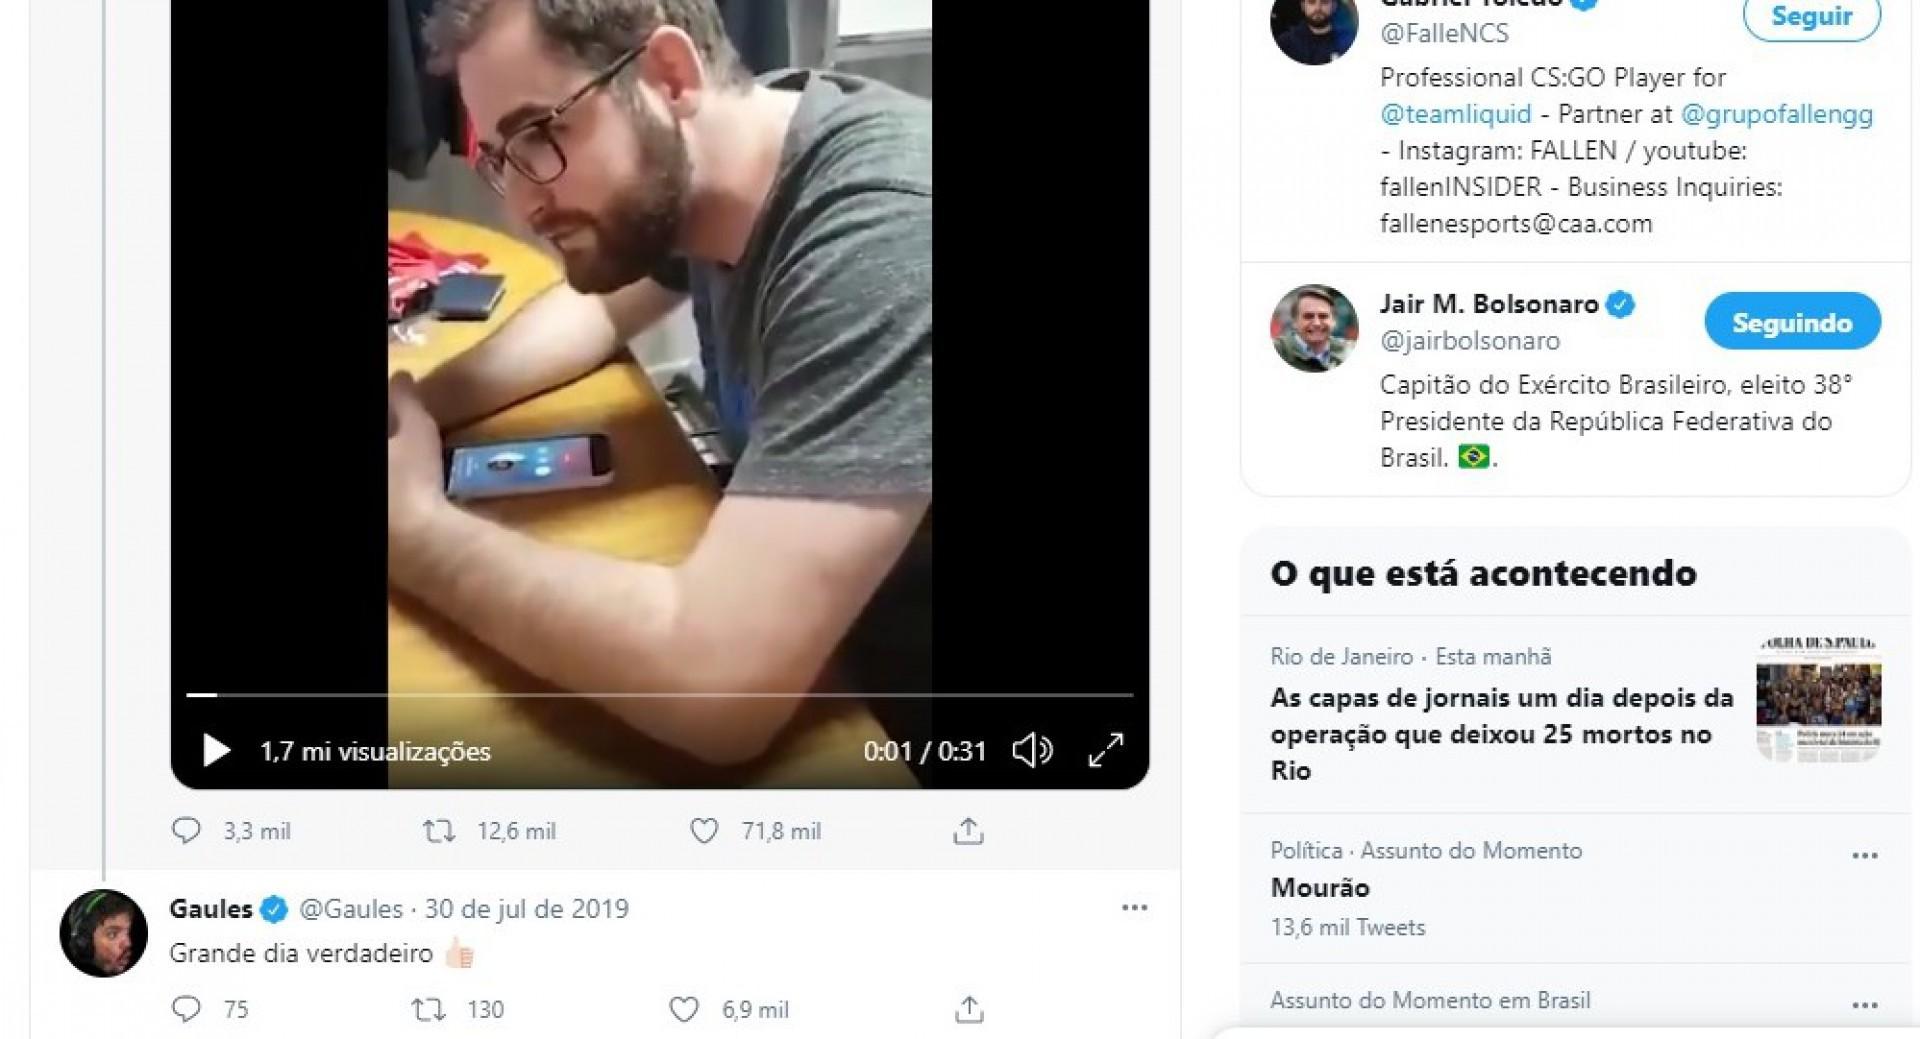 Alexandre Borba Chiqueta, o Gaulês, um dos maiores streamers de jogos do mundo, comenta a postagem de FalleN(Foto: Reprodução Twitter)